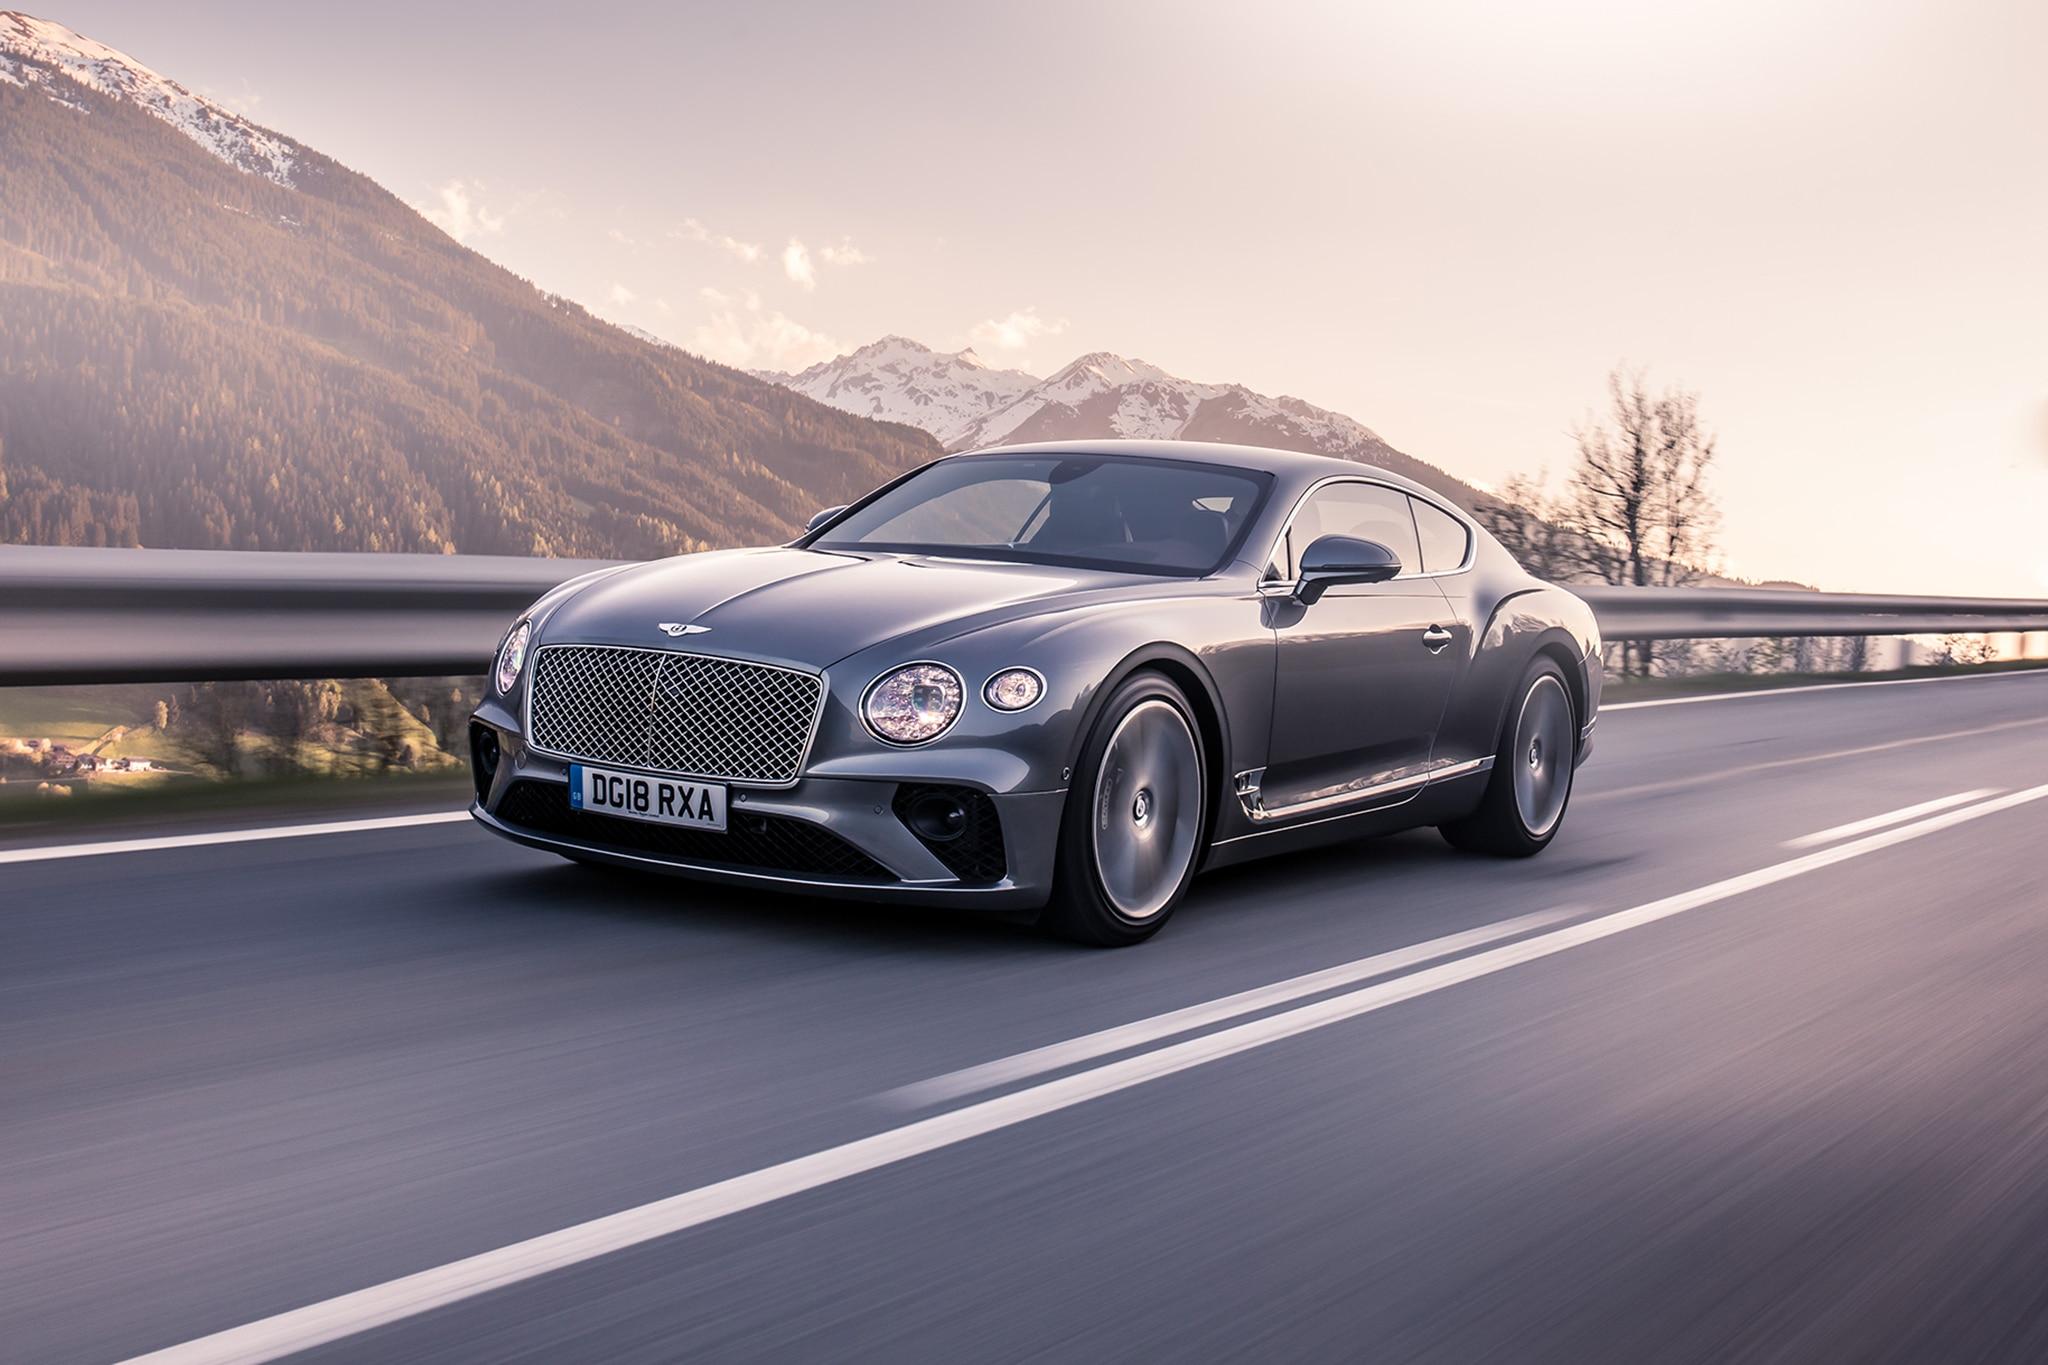 2019-Bentley-Continental-GT-99.jpg